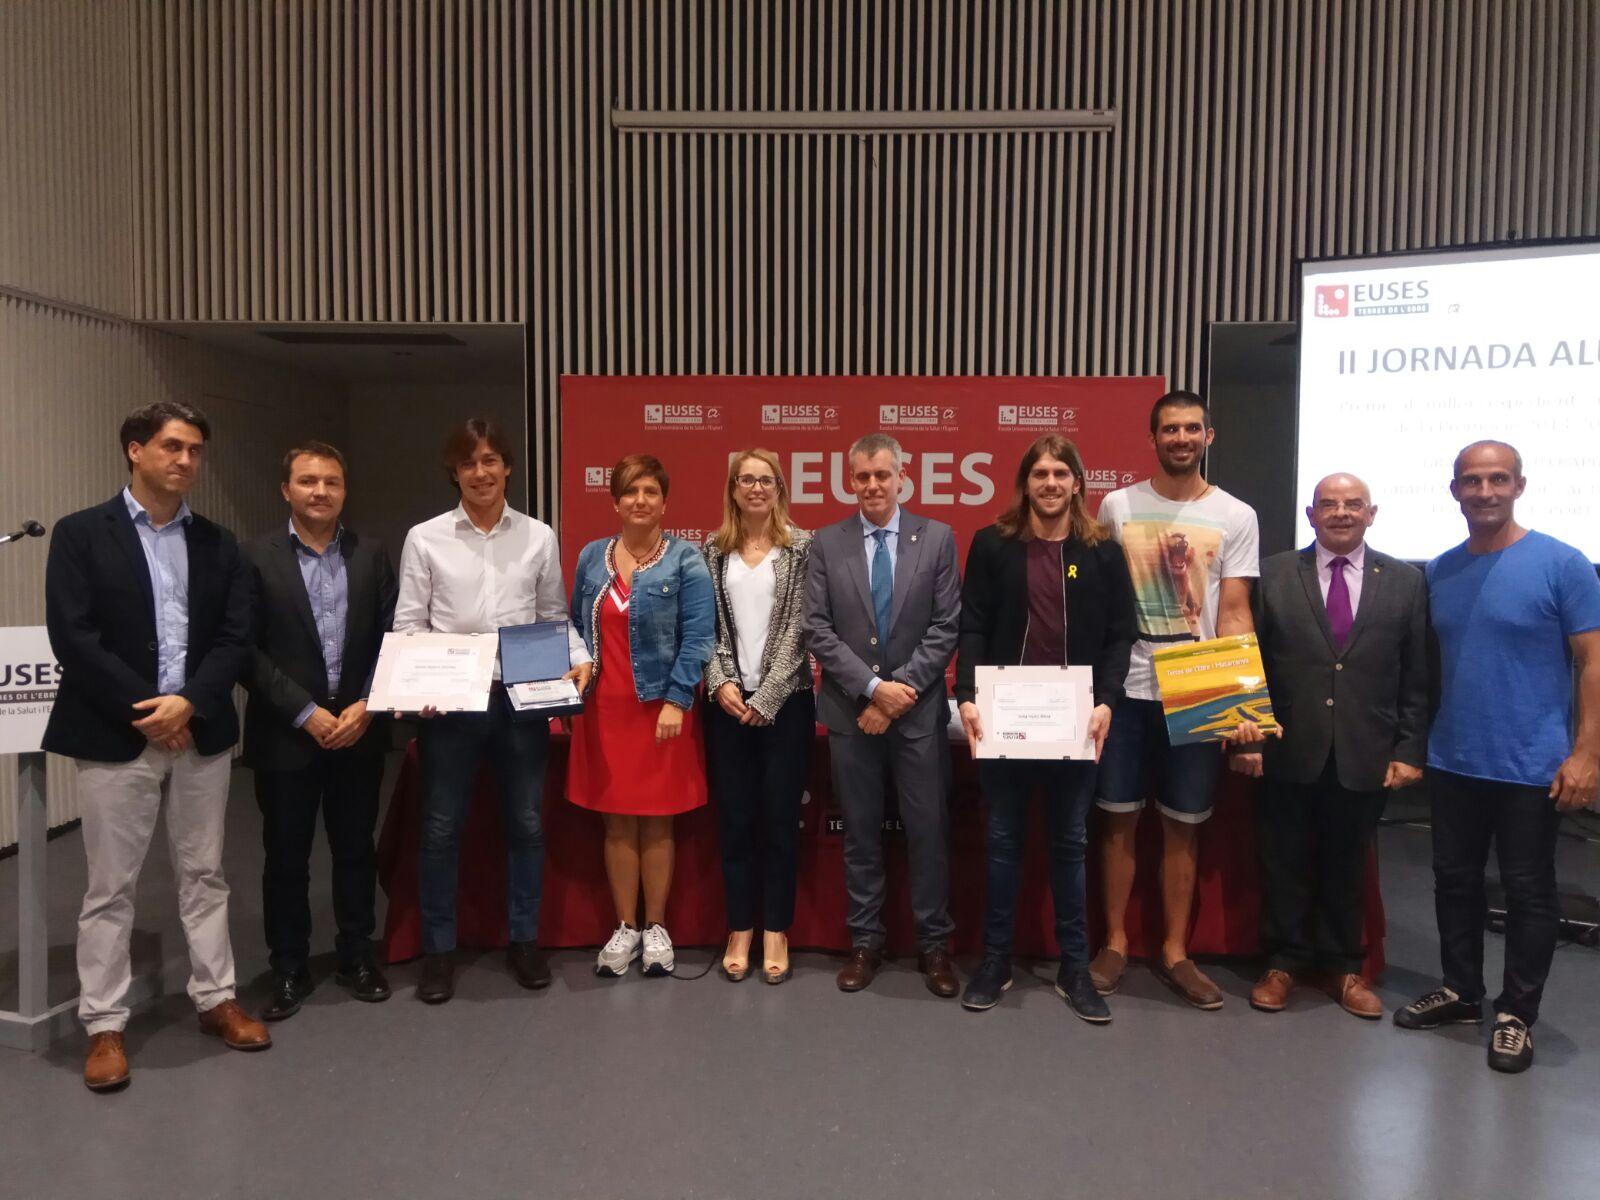 Celebrada amb èxit al Centre Cívic de Tortosa la 2a jornada anual d'EUSES Alumni de les Terres de l'Ebre, amb el remer olímpic Pau Vela de convidat especial